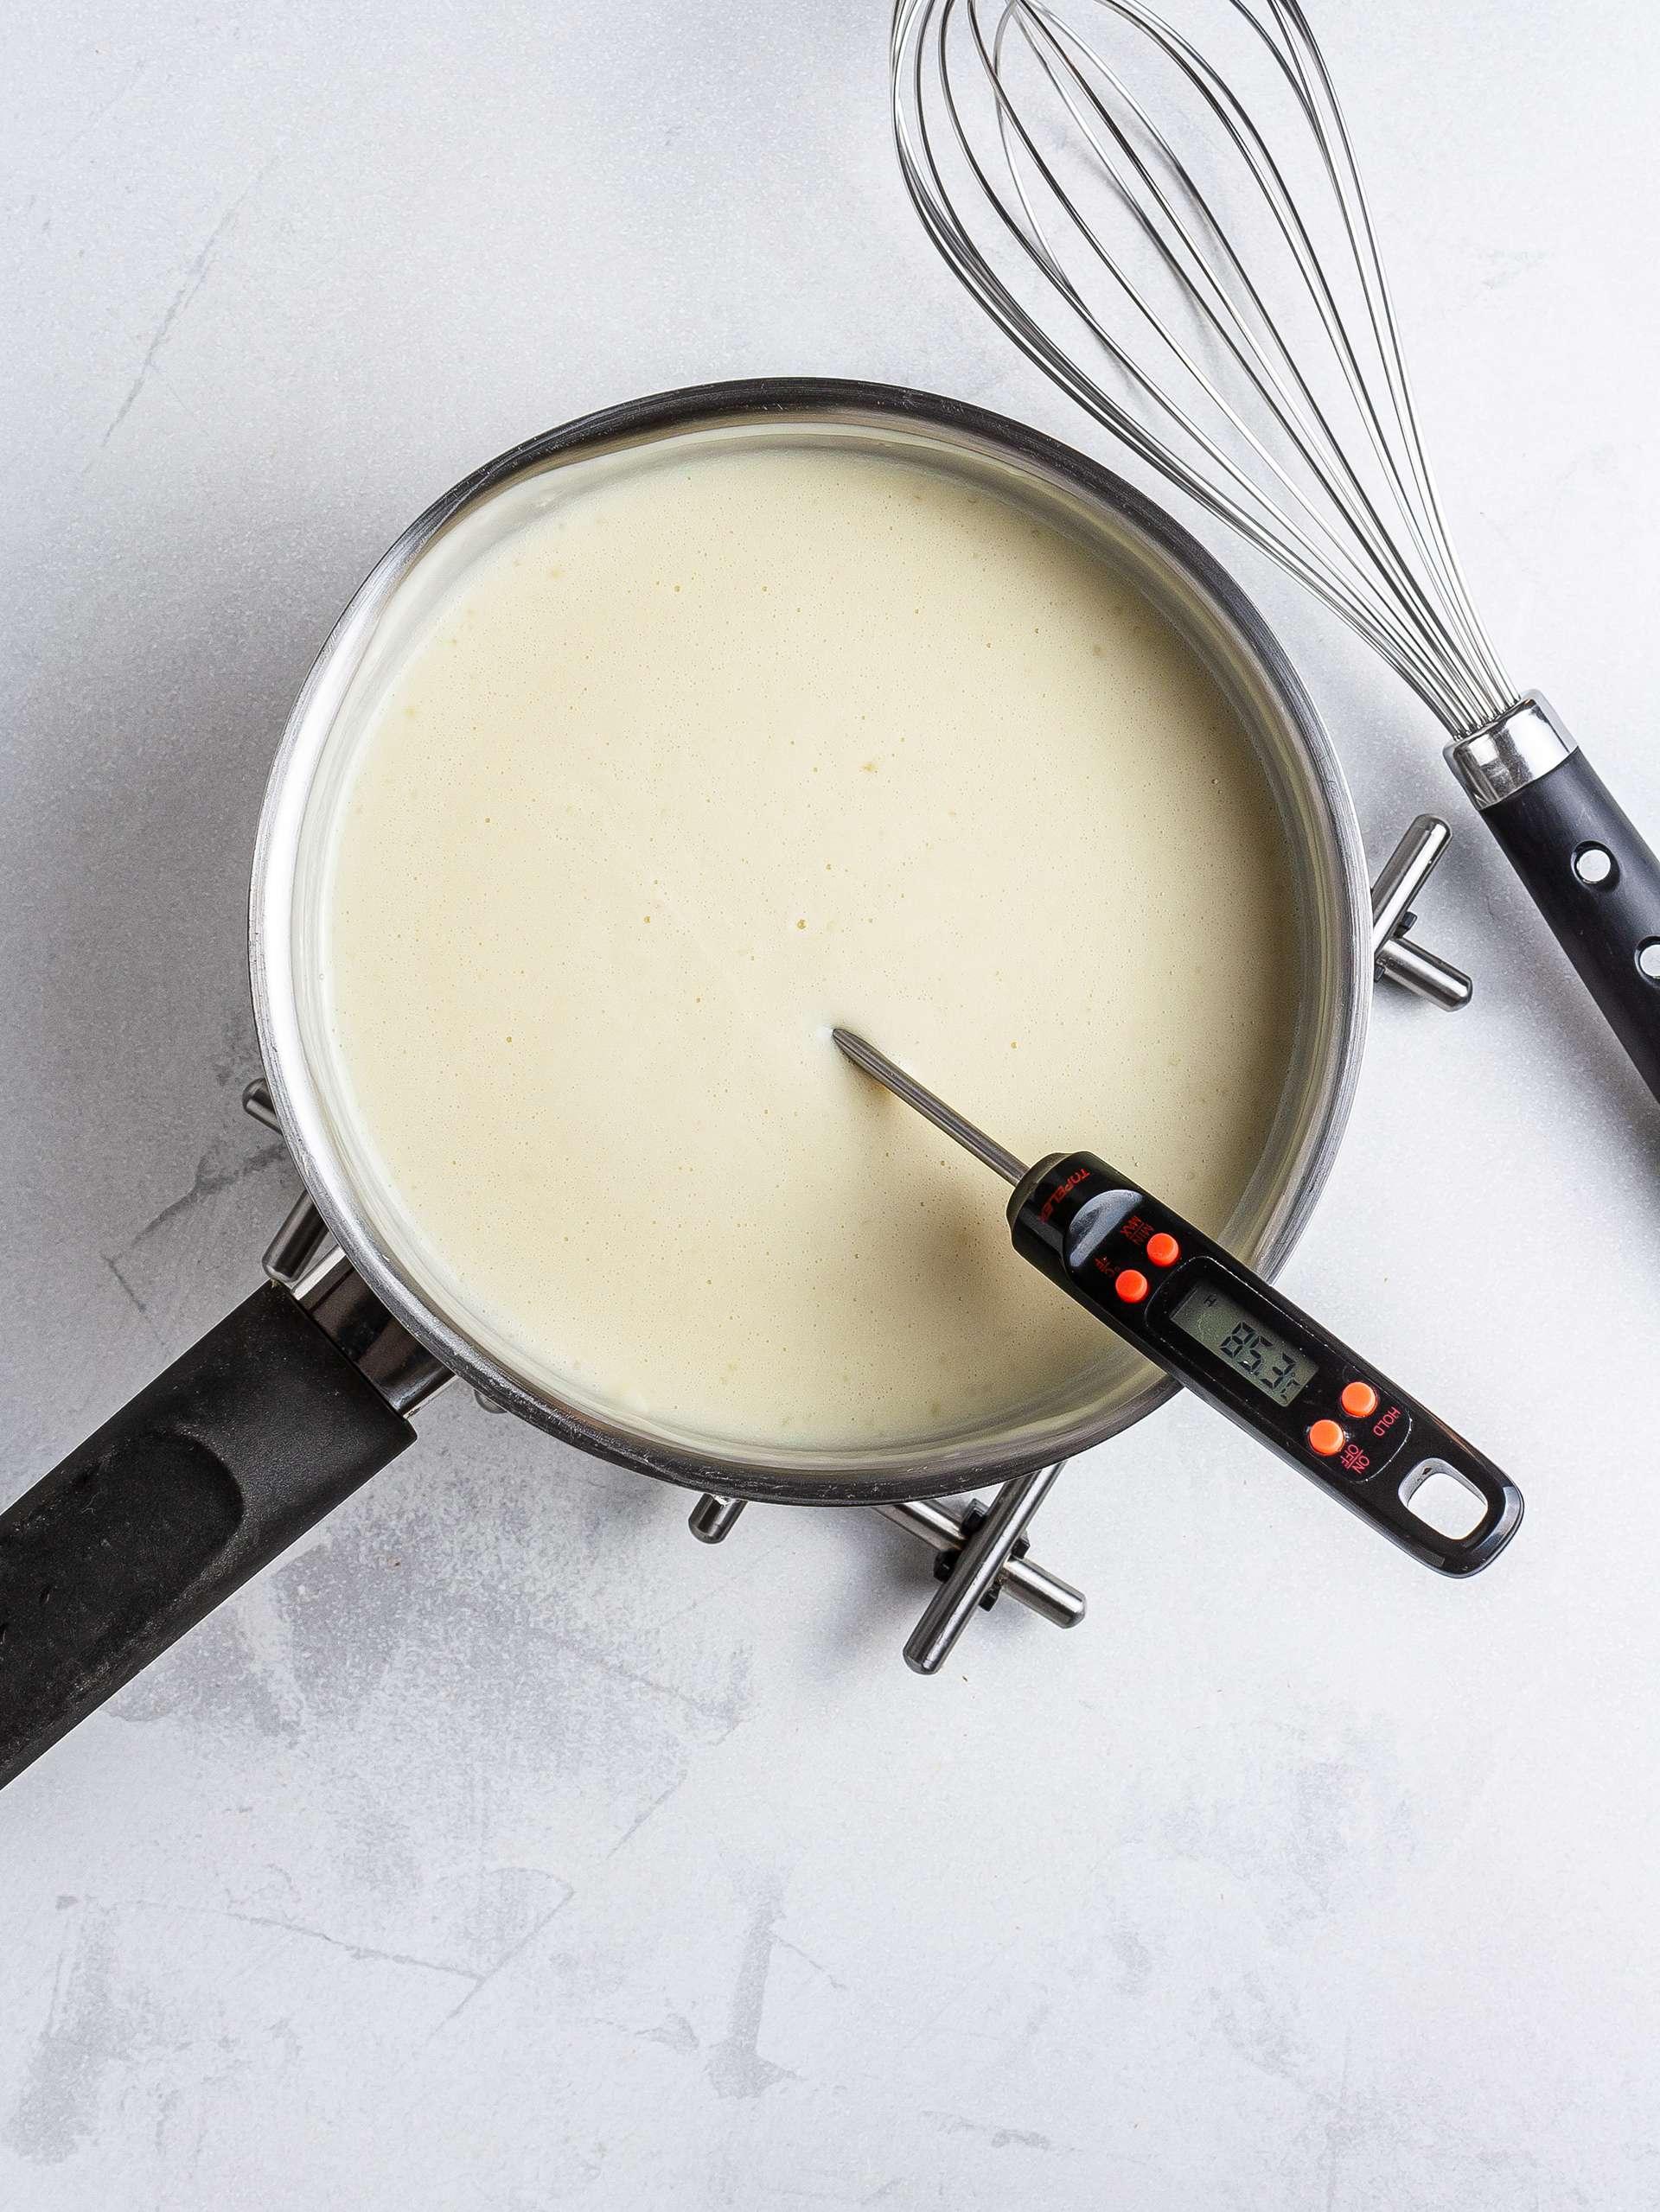 Oat milk boiling